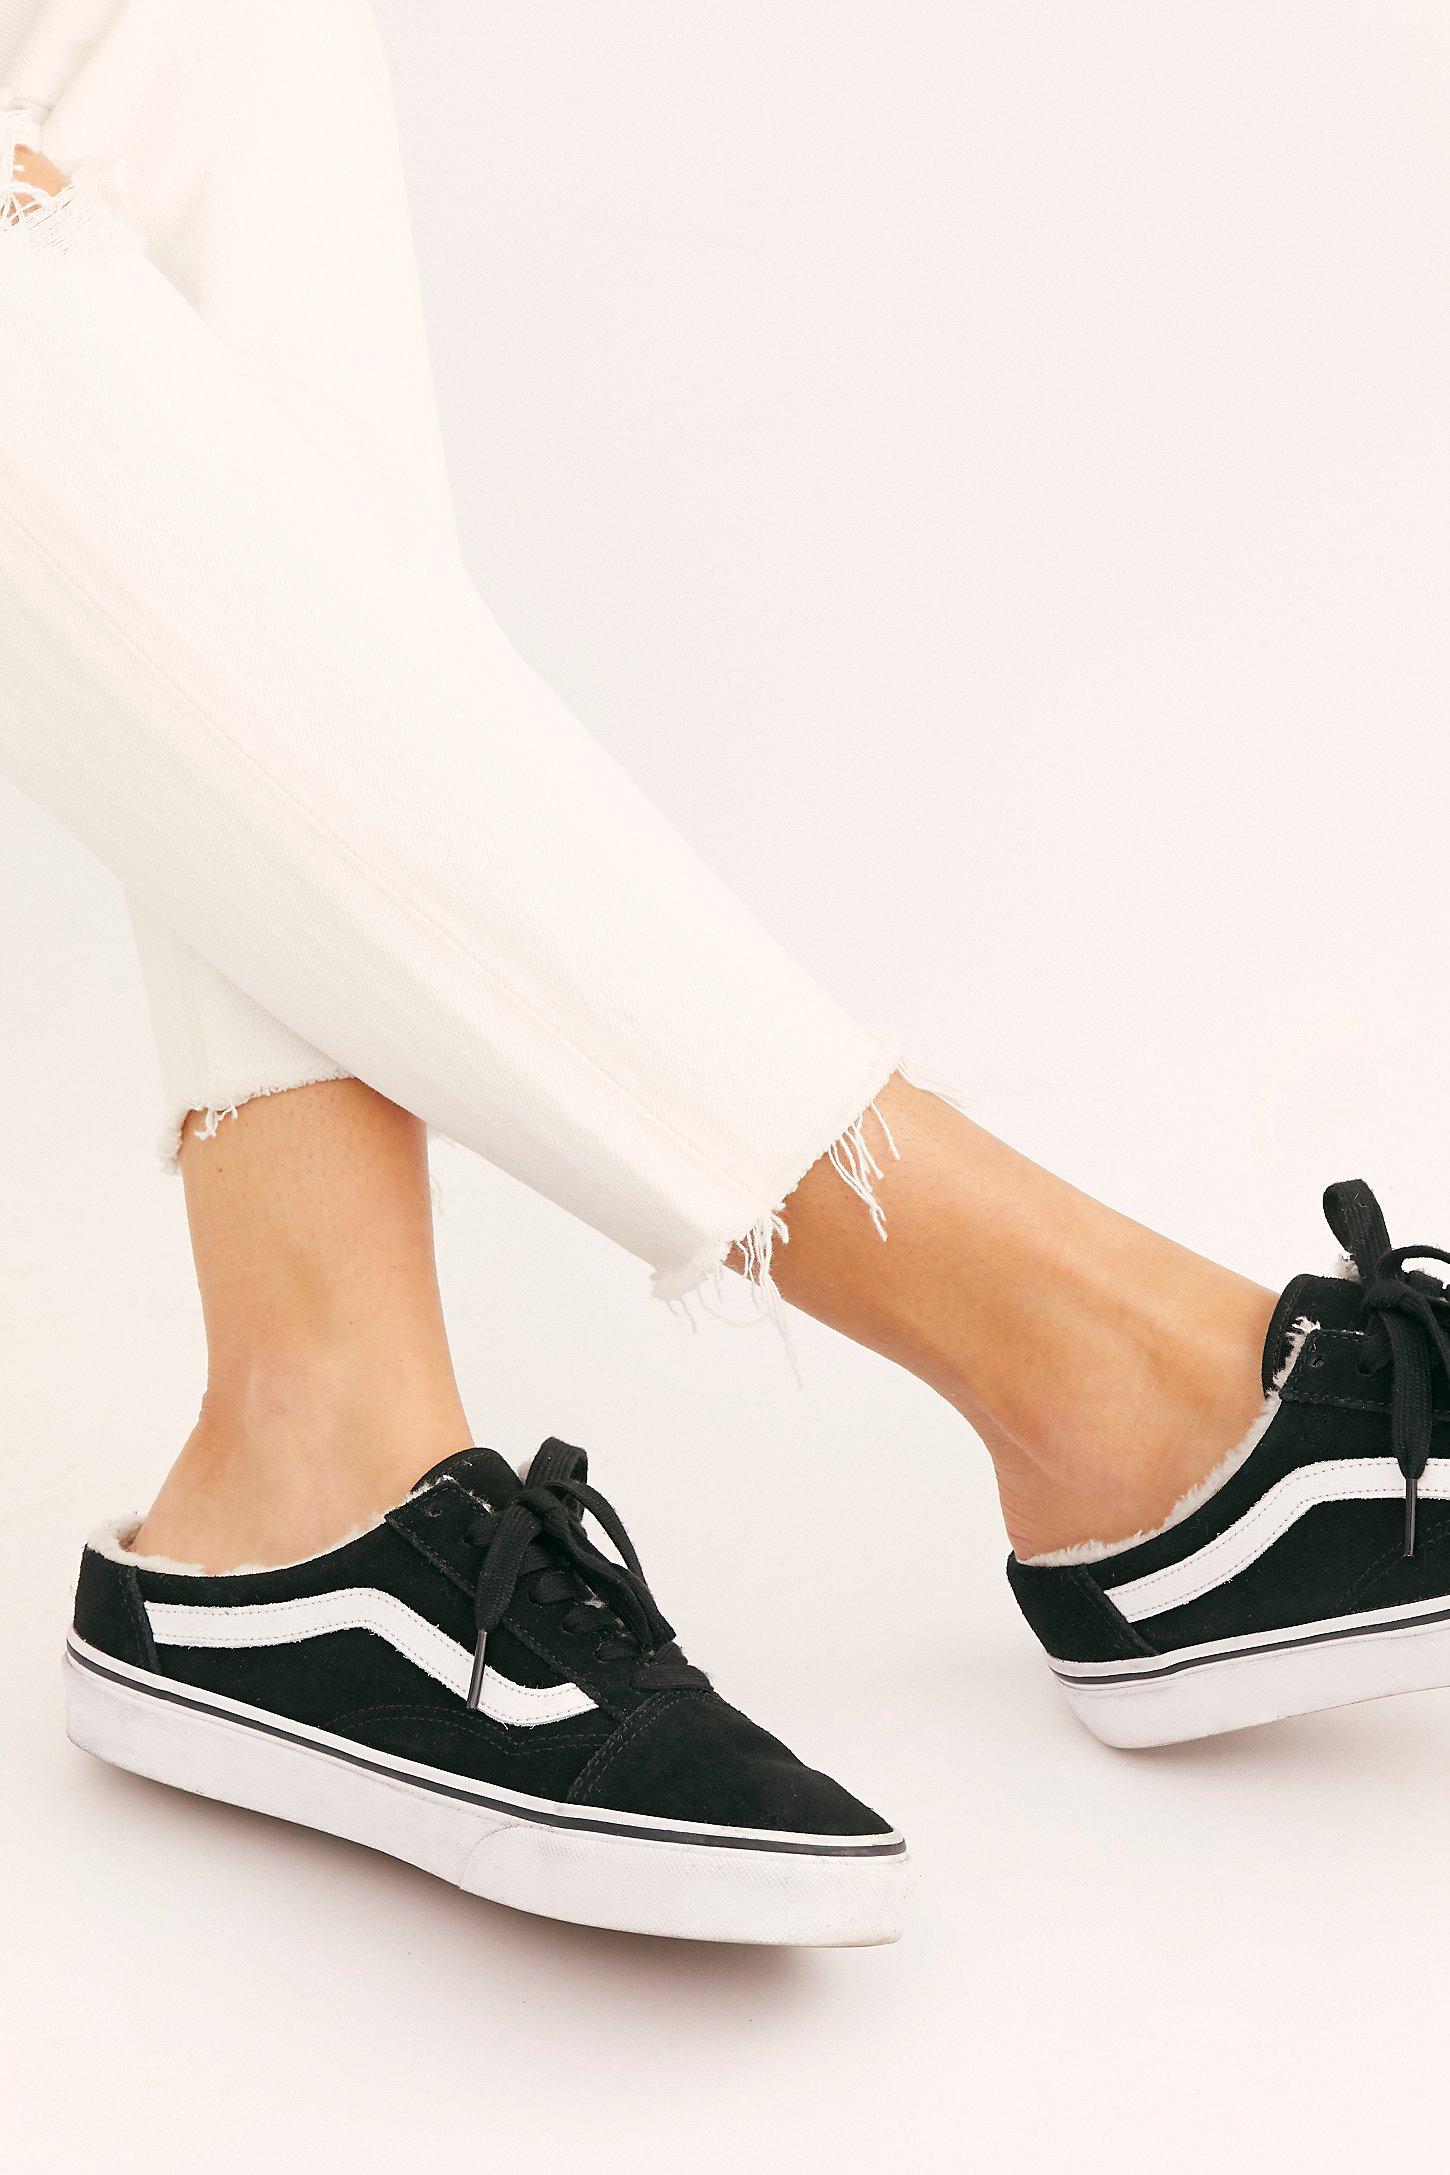 帆布穆勒鞋穿搭